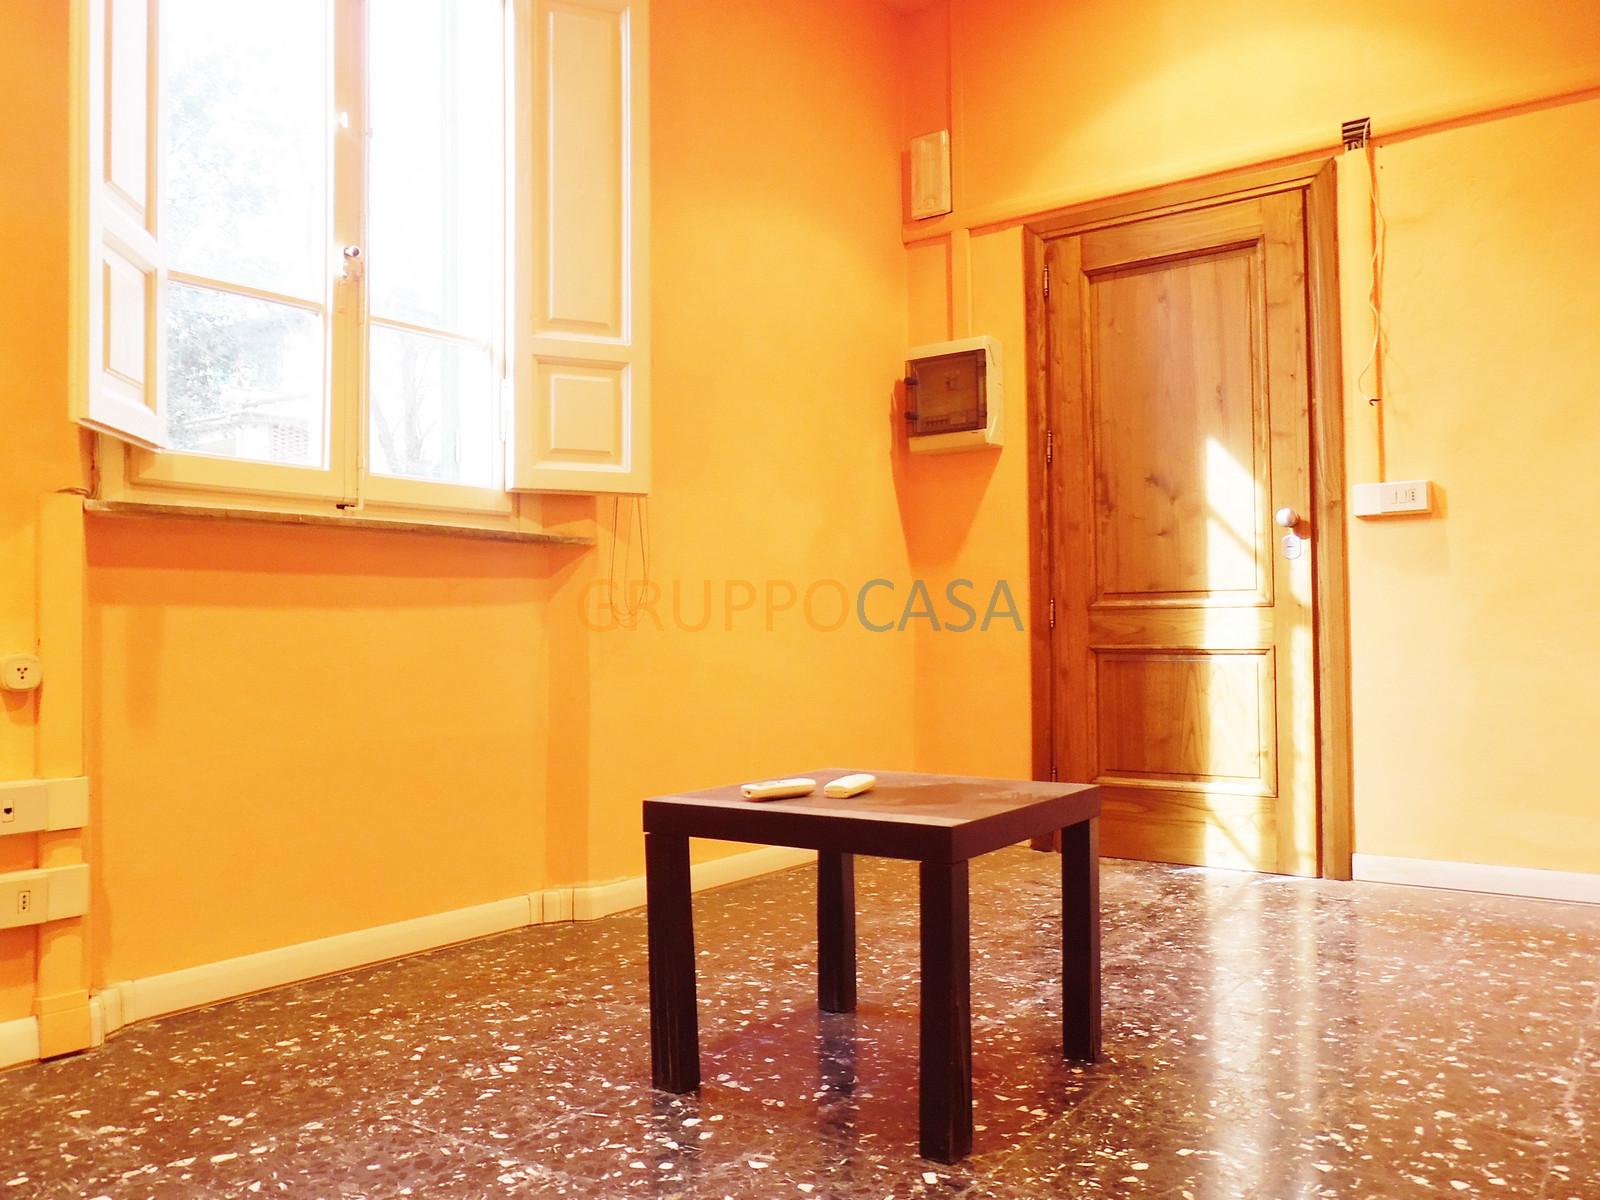 Ufficio / Studio in Affitto a Altopascio